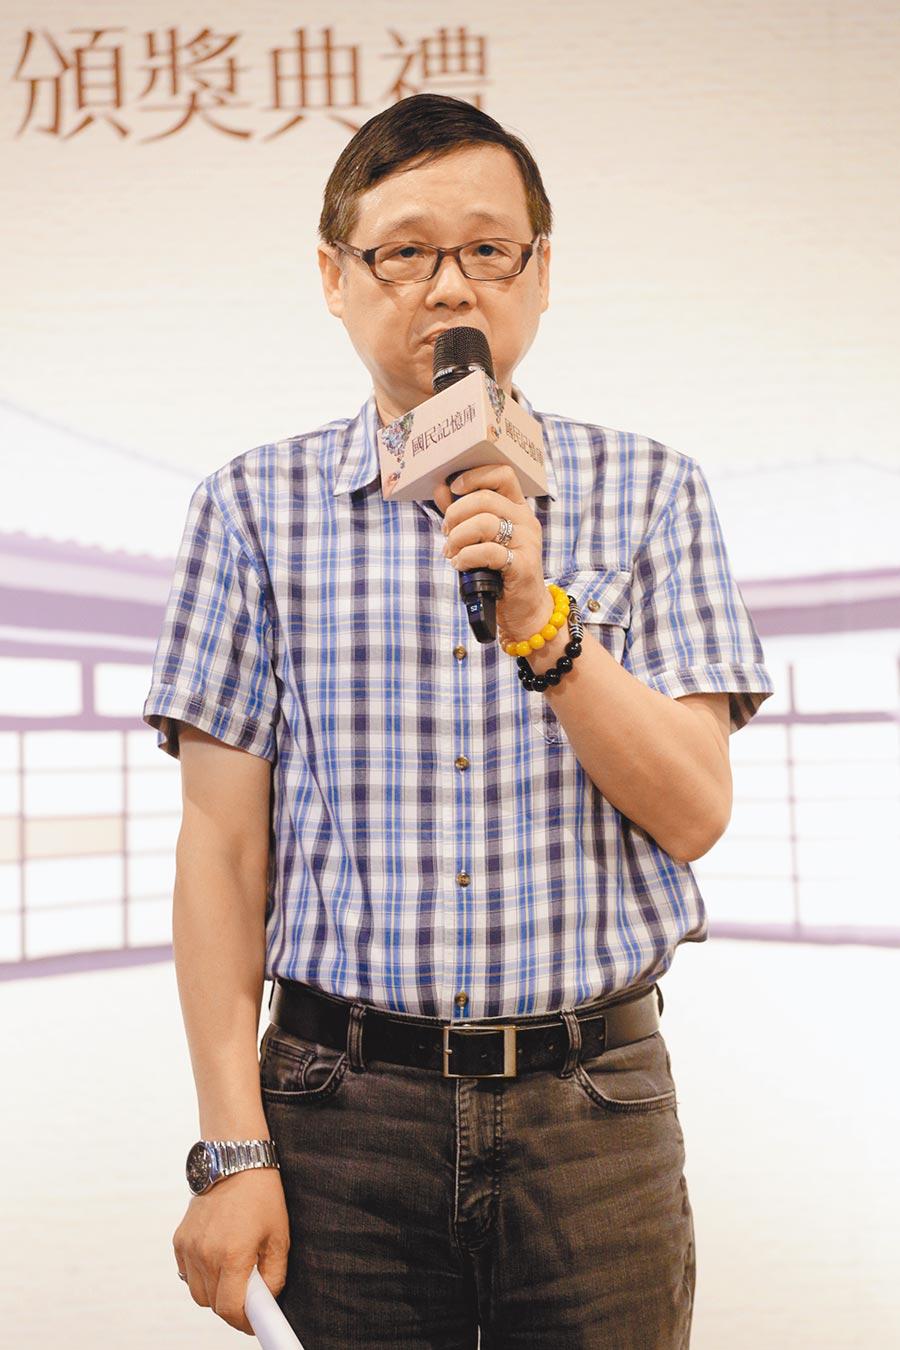 國立傳統藝術中心副主任朱瑞皓。(本報資料照片)